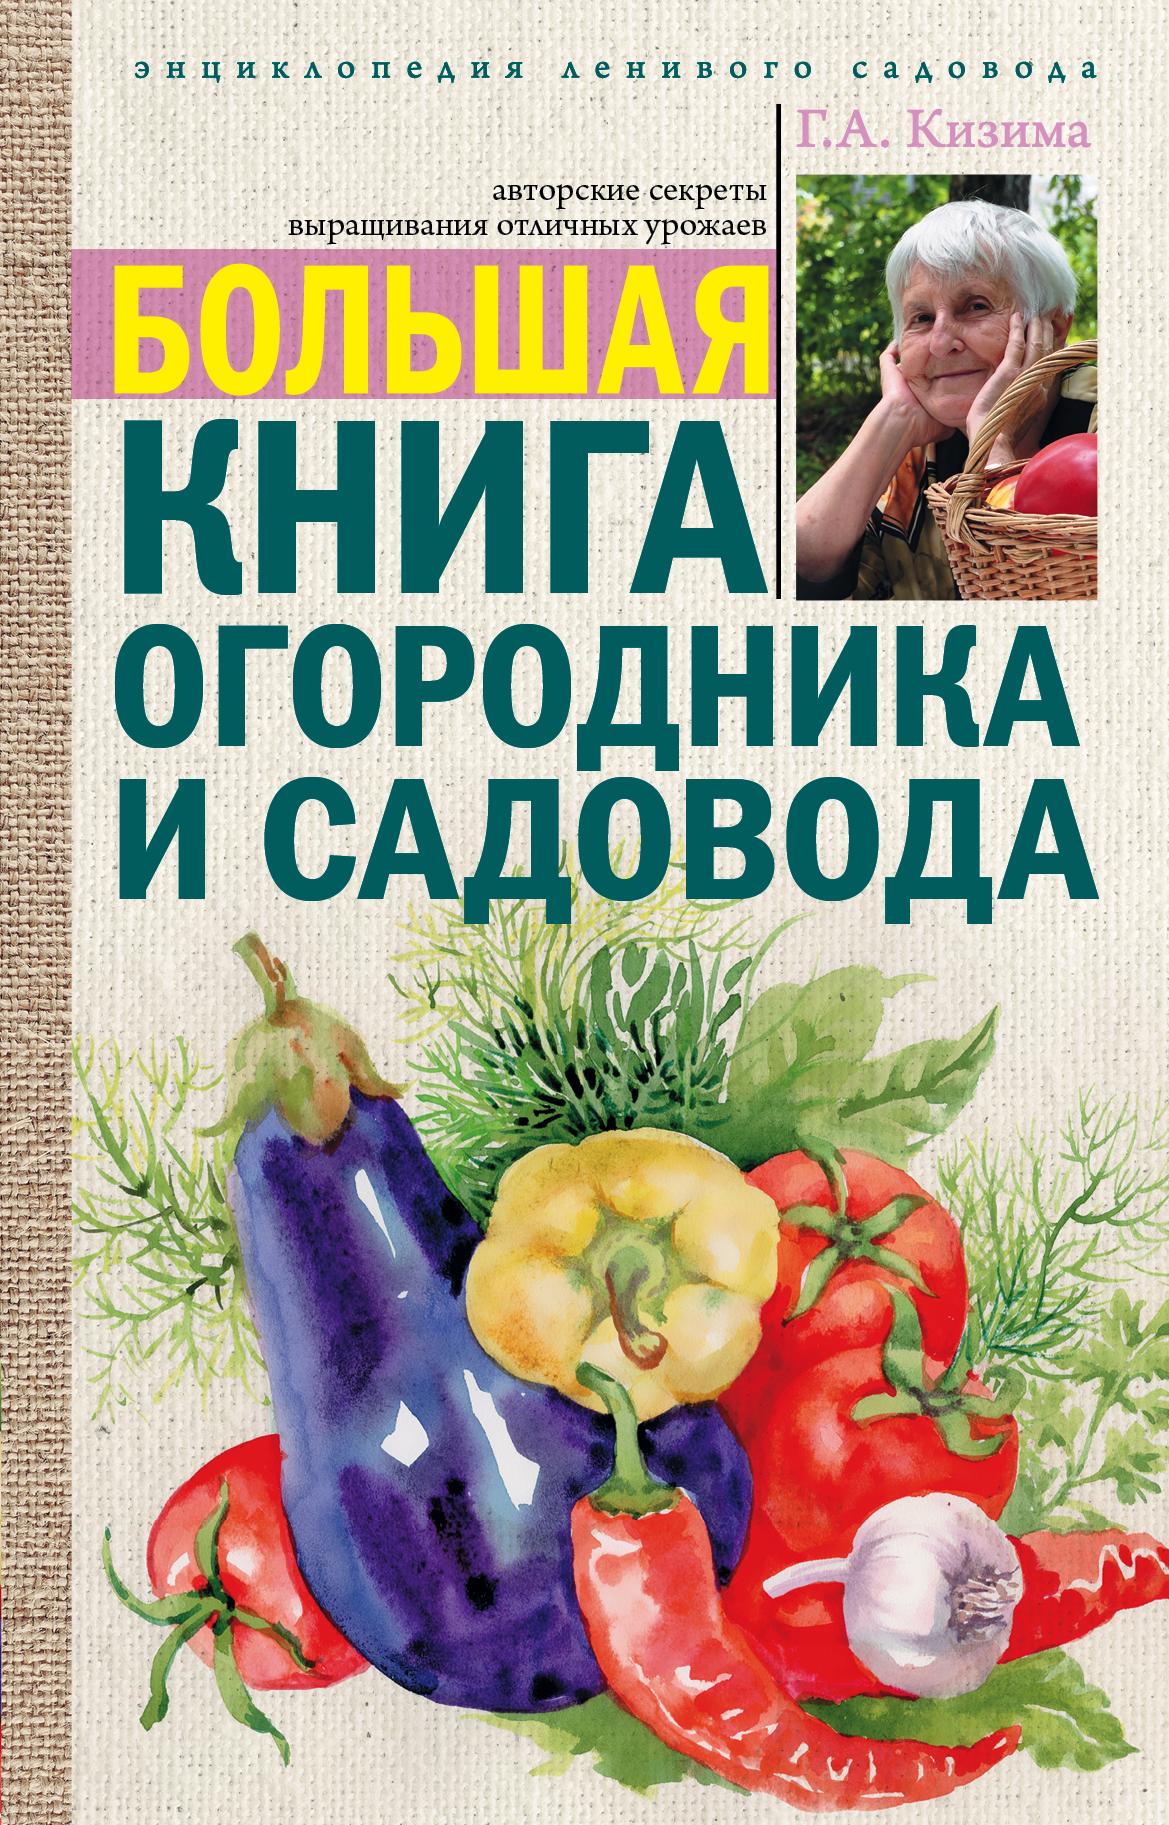 Большая книга огородника и садовода от book24.ru